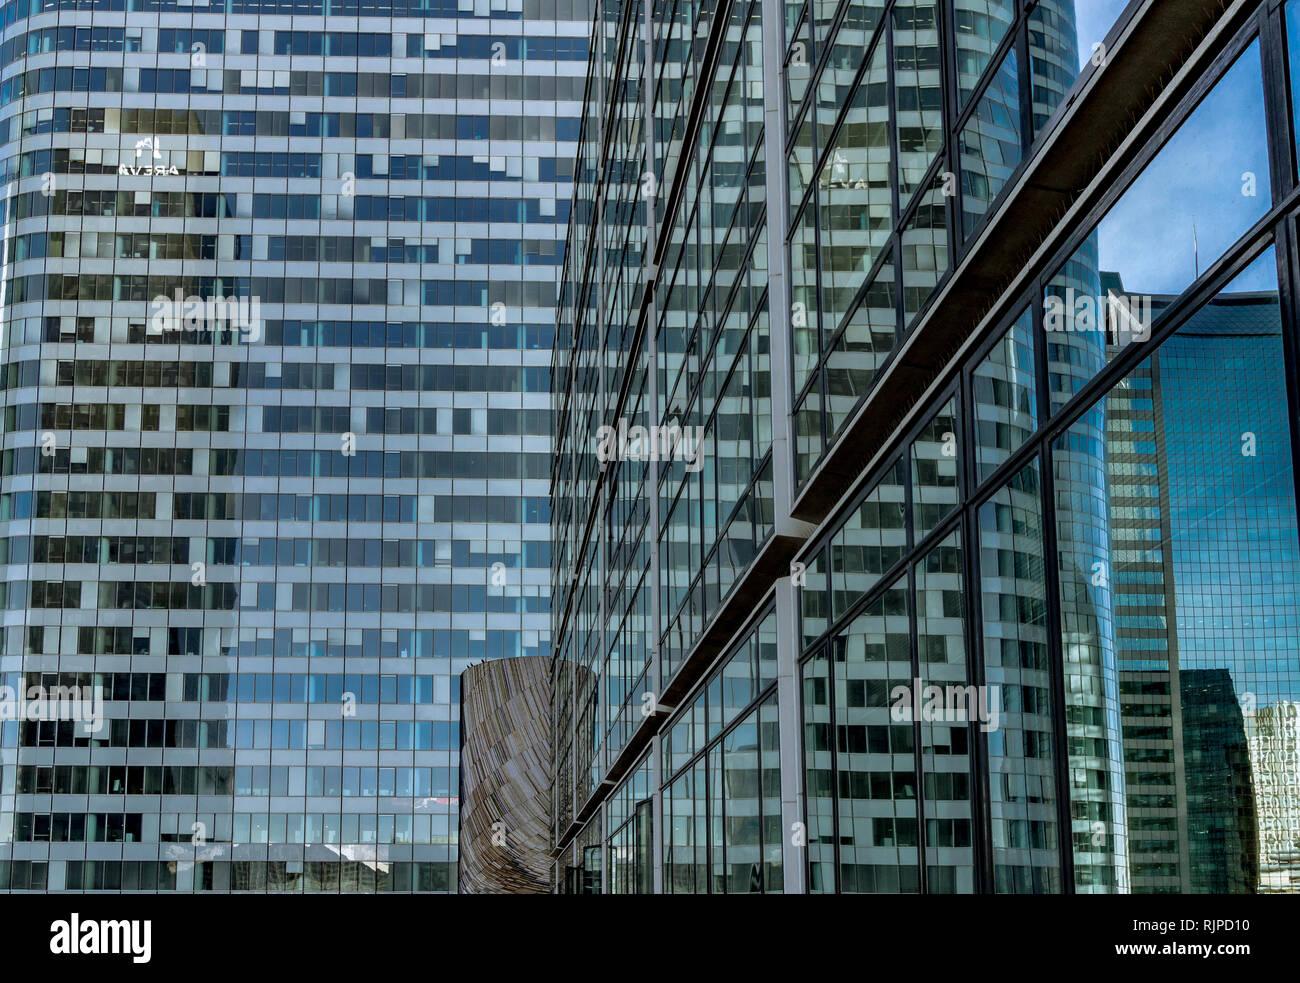 Les reflets dans les fenêtres d'un immeuble de bureaux de grande hauteur La Defense , Paris Banque D'Images